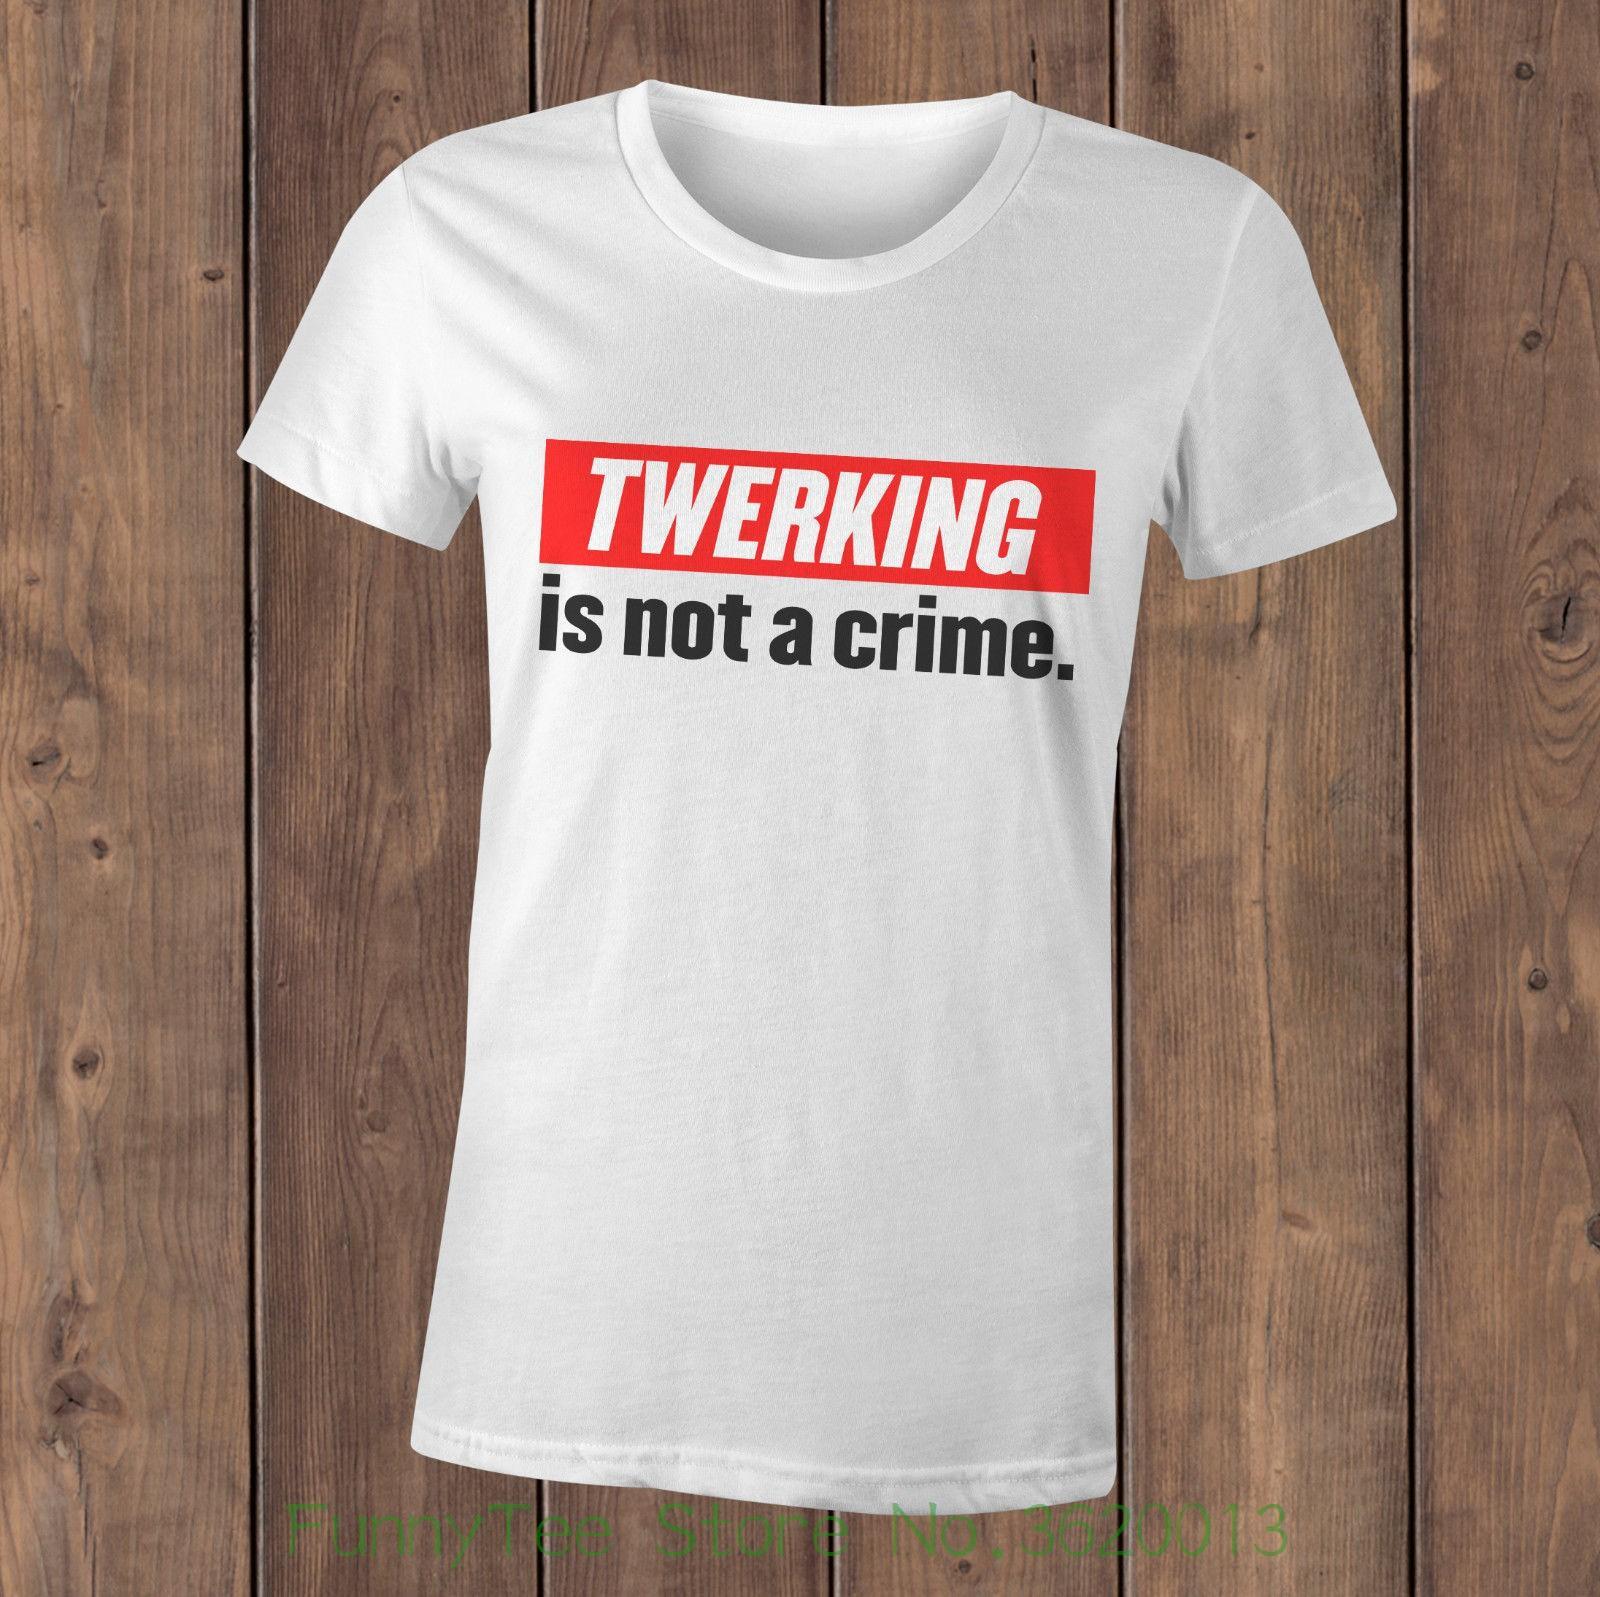 Compre Mujer Es Una Crimen Camiseta De No Twerking qfwvq6r